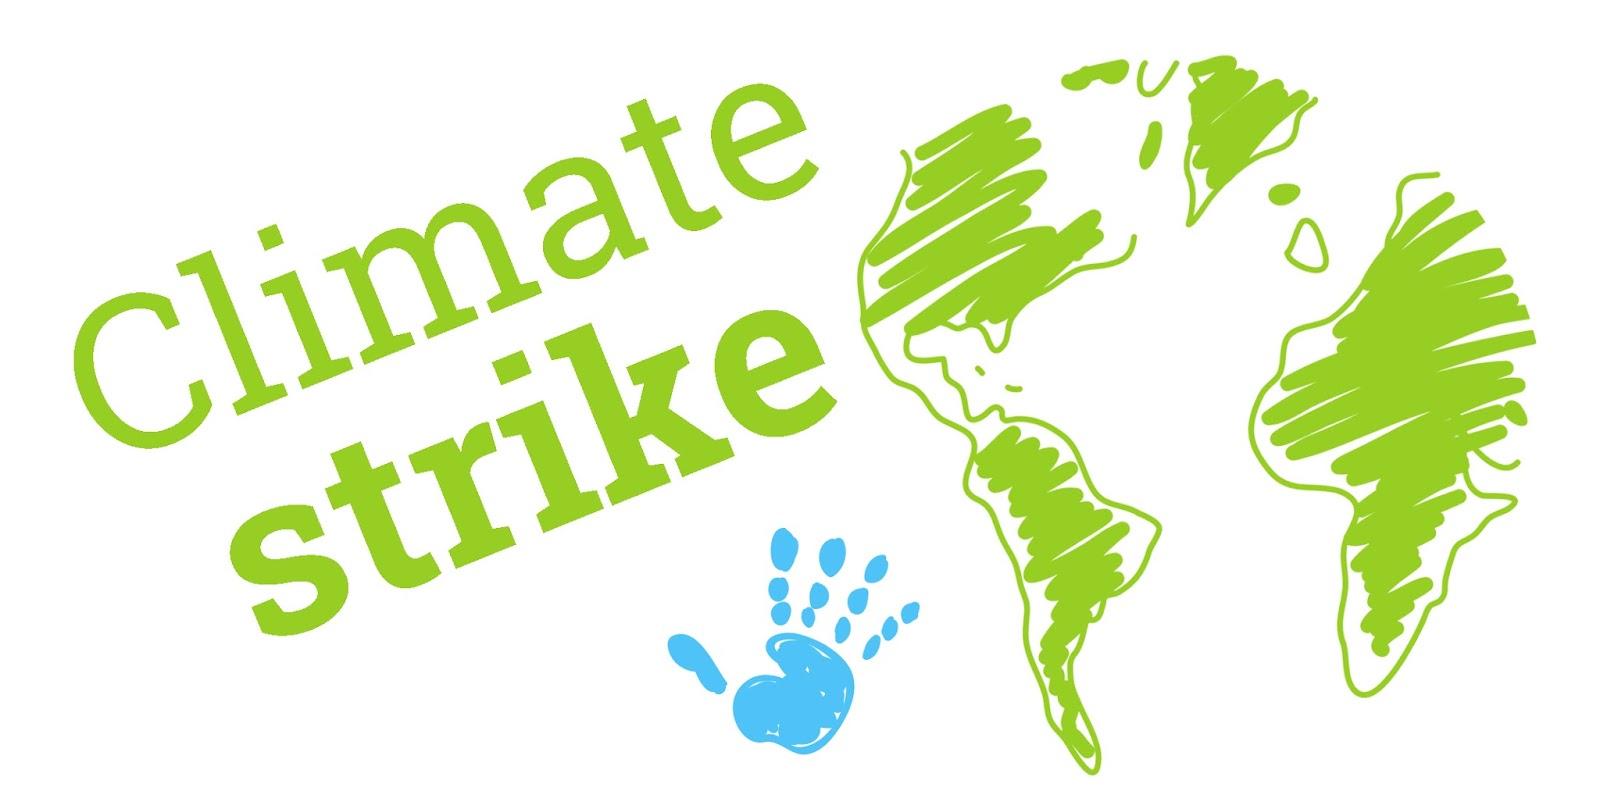 climate strike - photo #38